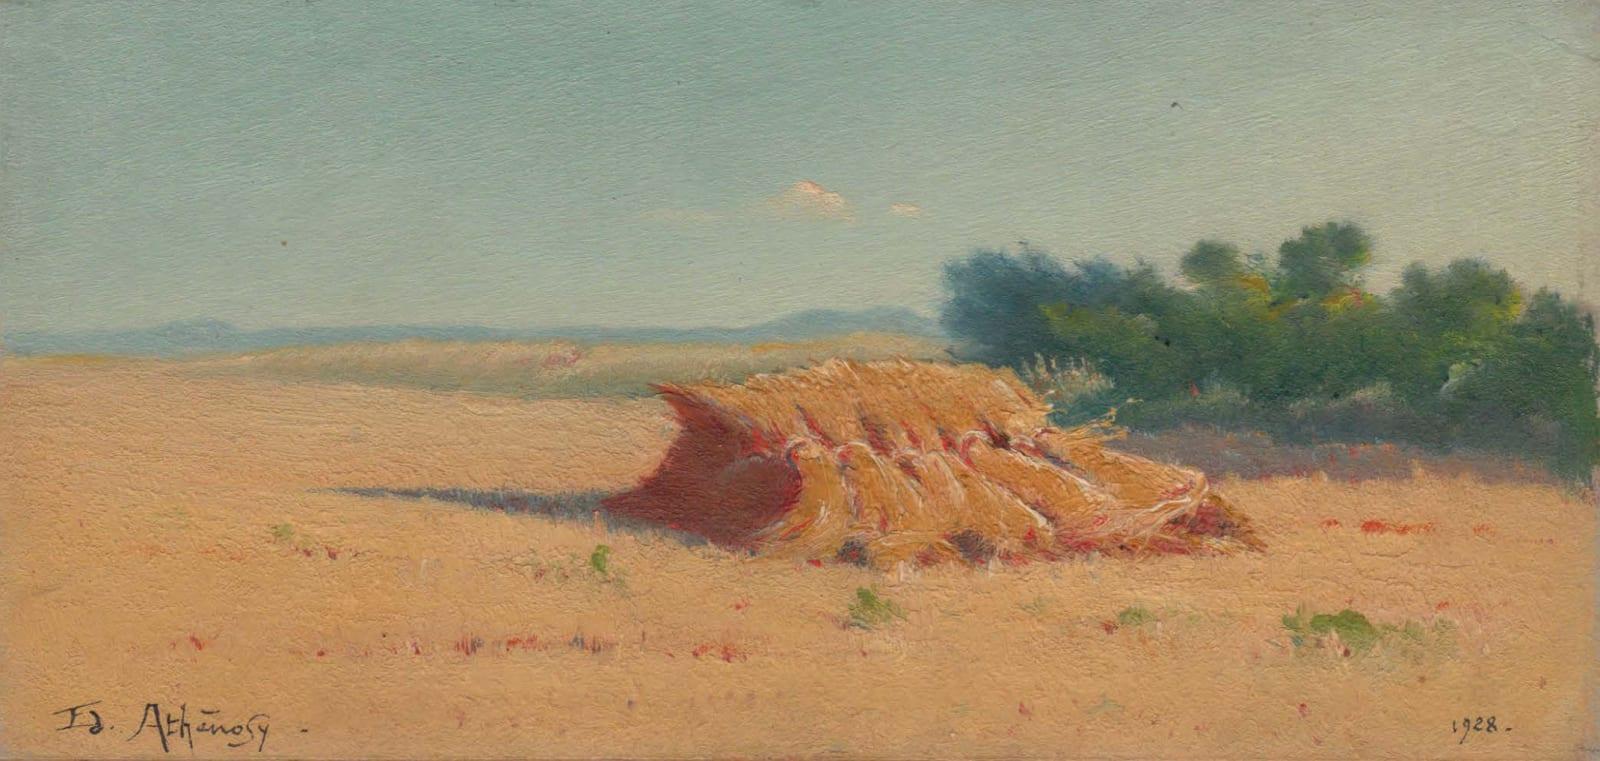 EDOUARD ATHÉNOSY, Six haystacks, 1928